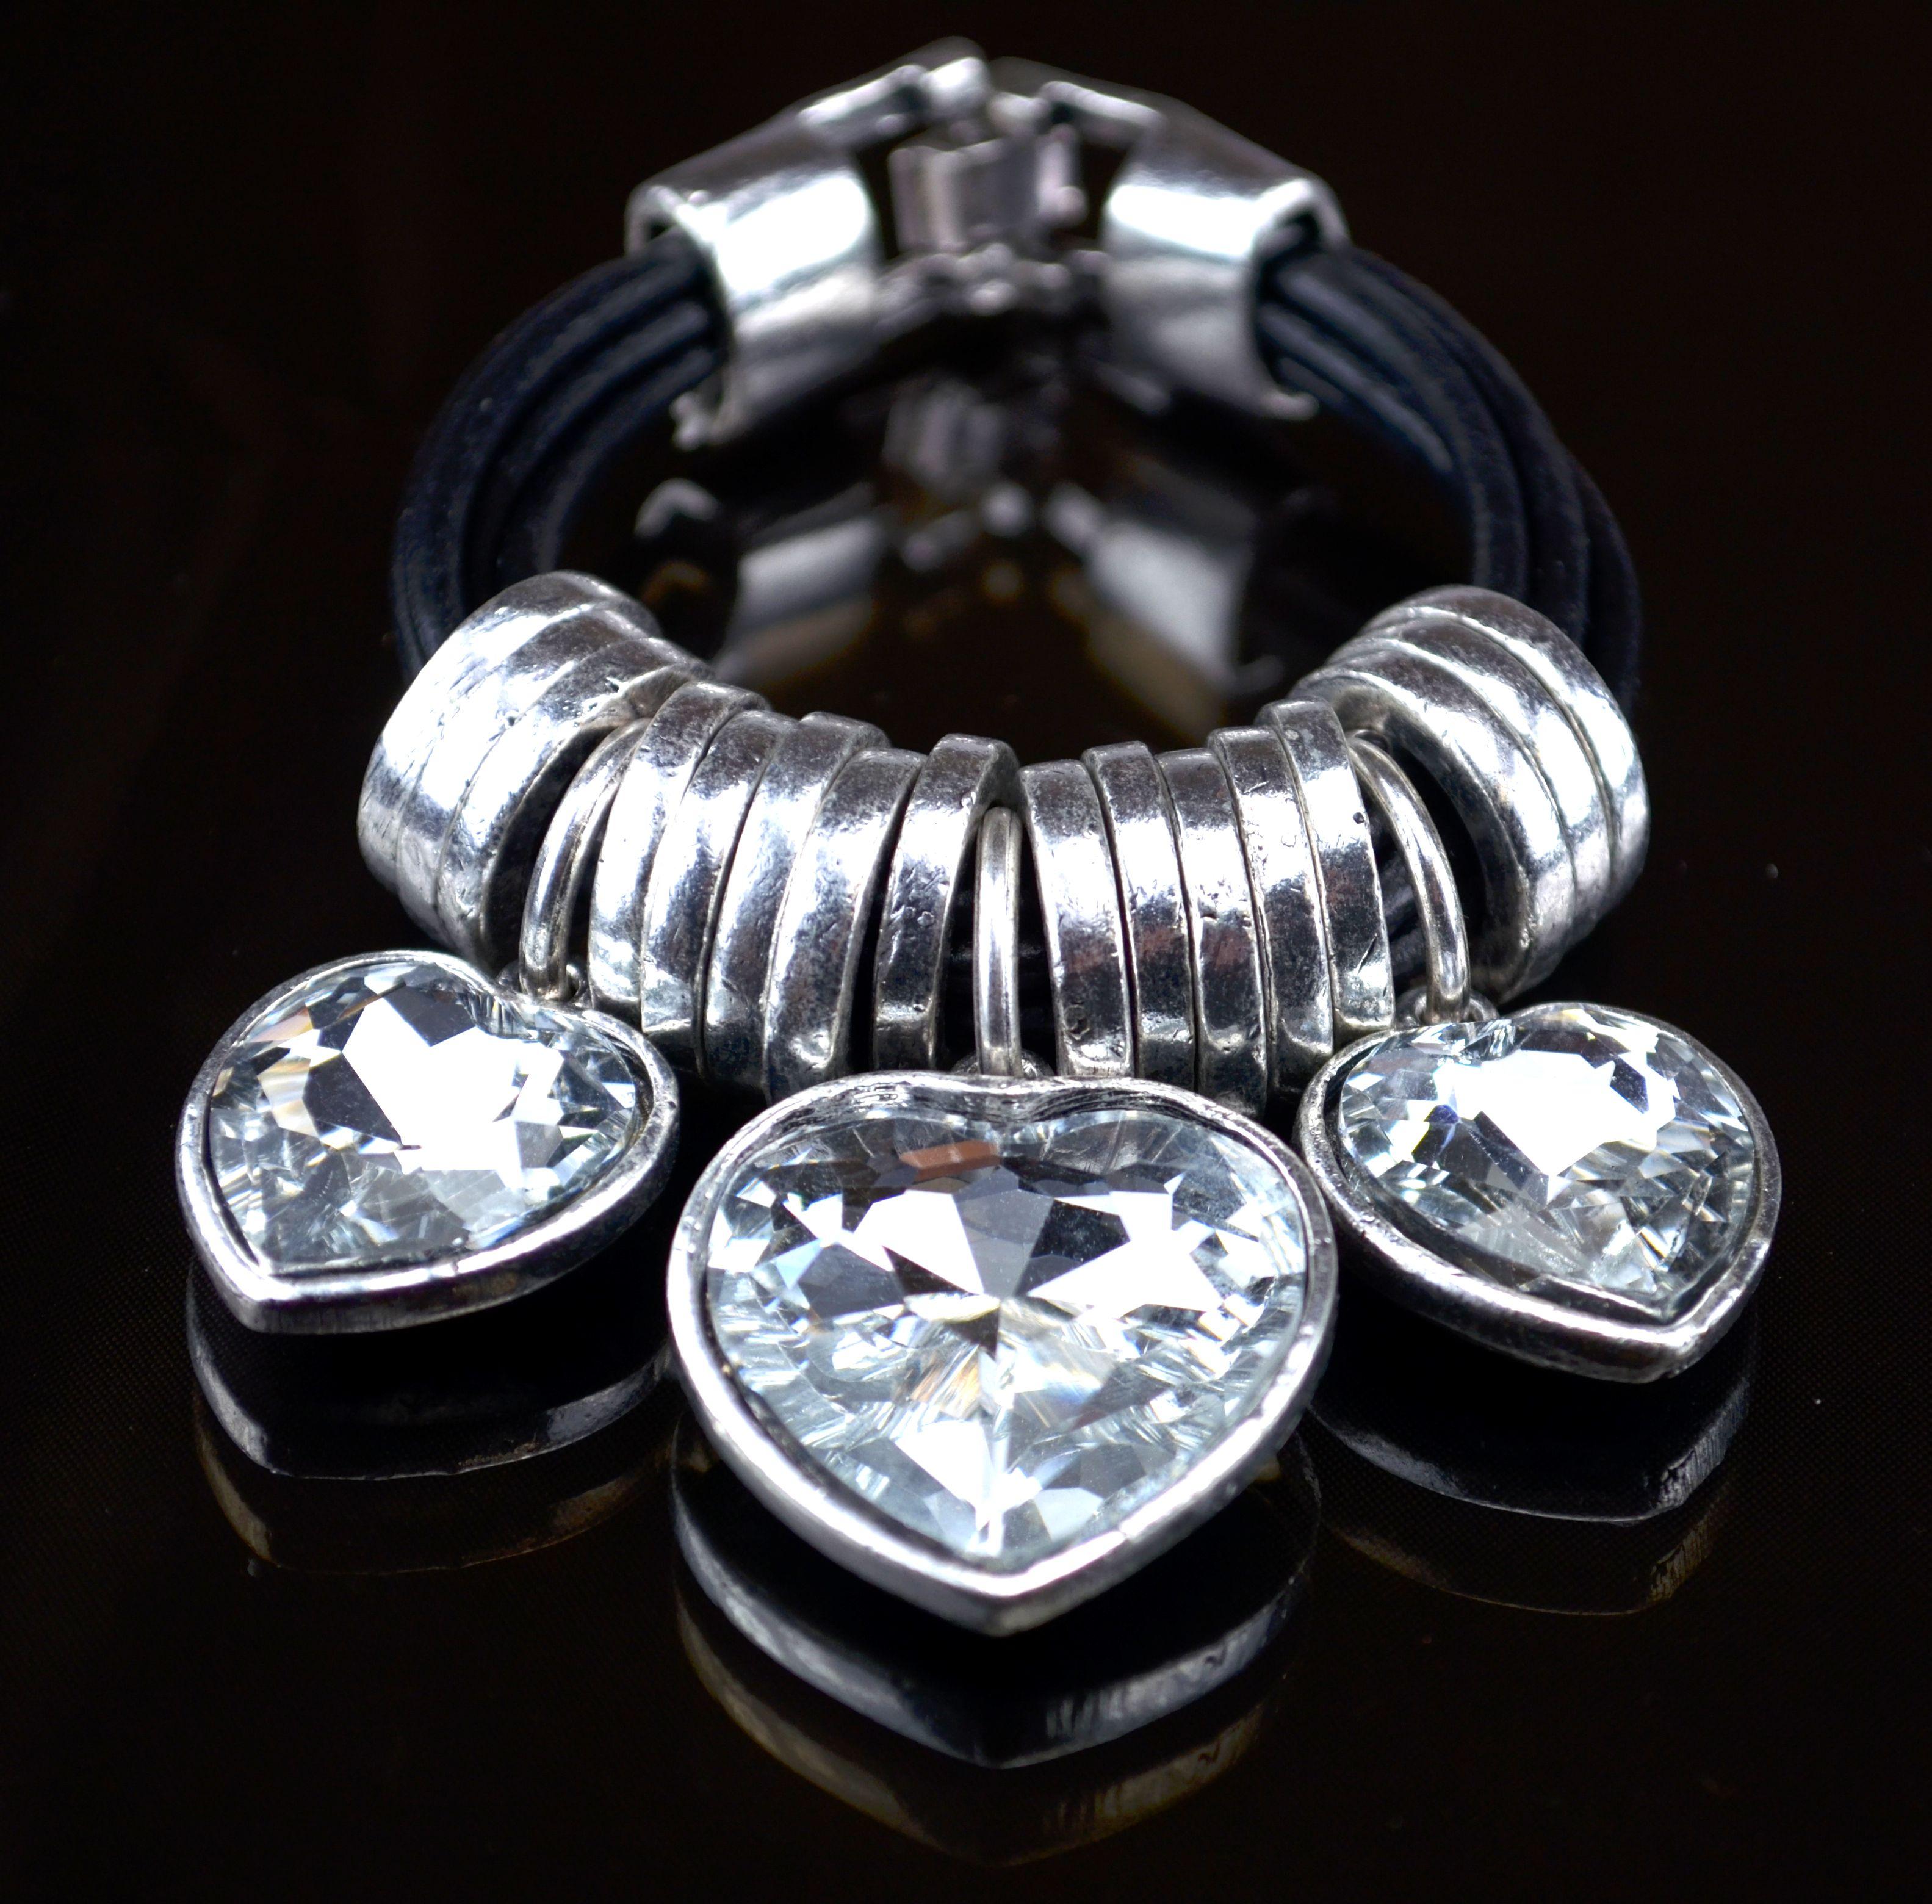 Náramek s přívěsky z broušených krystalů ve tvaru srdcí.